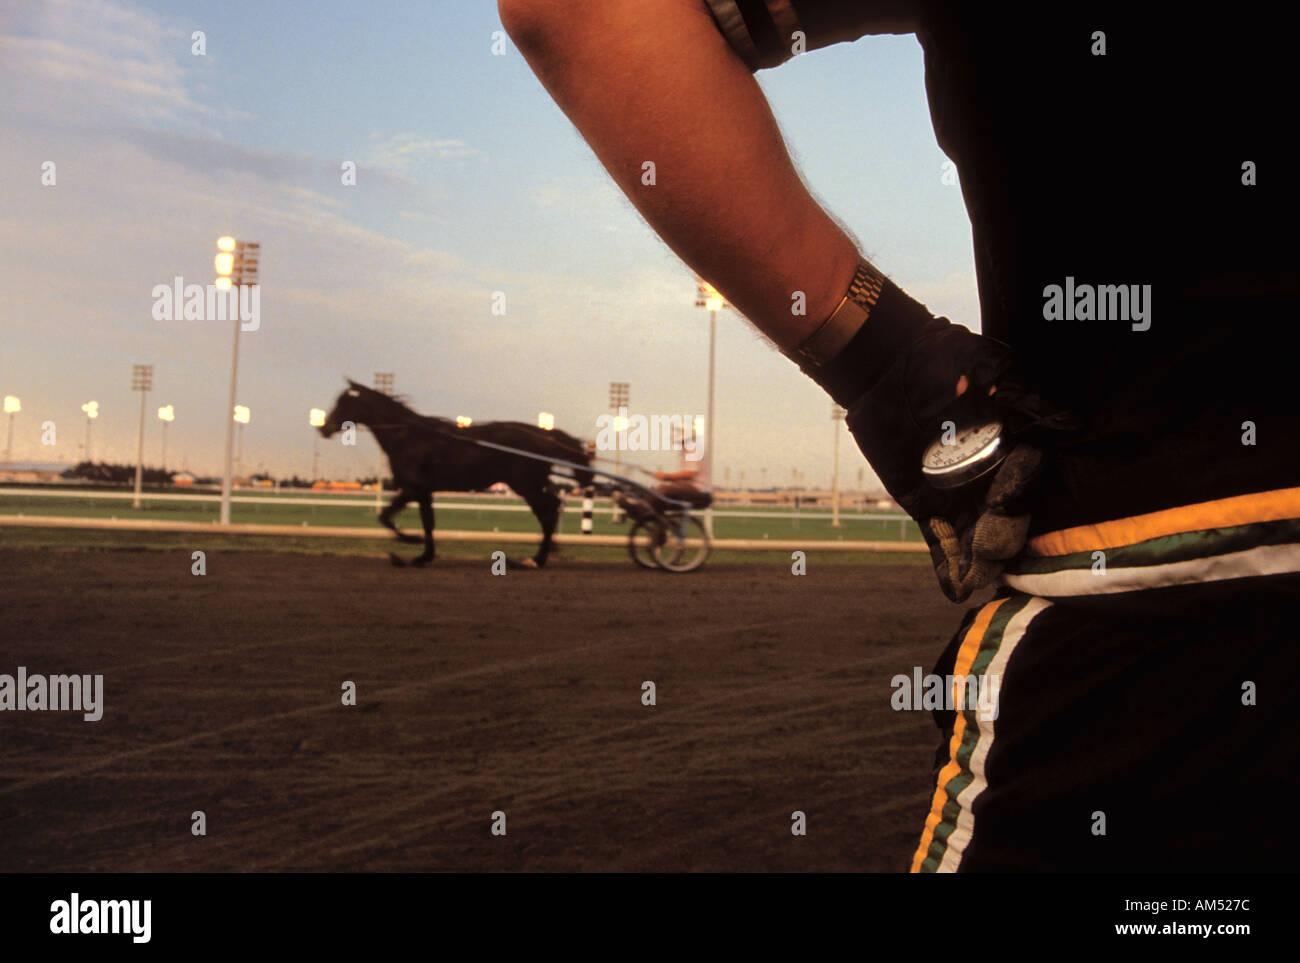 Tiempos de entrenador de un caballo de carreras de trote en la pista con un cronómetro Imagen De Stock